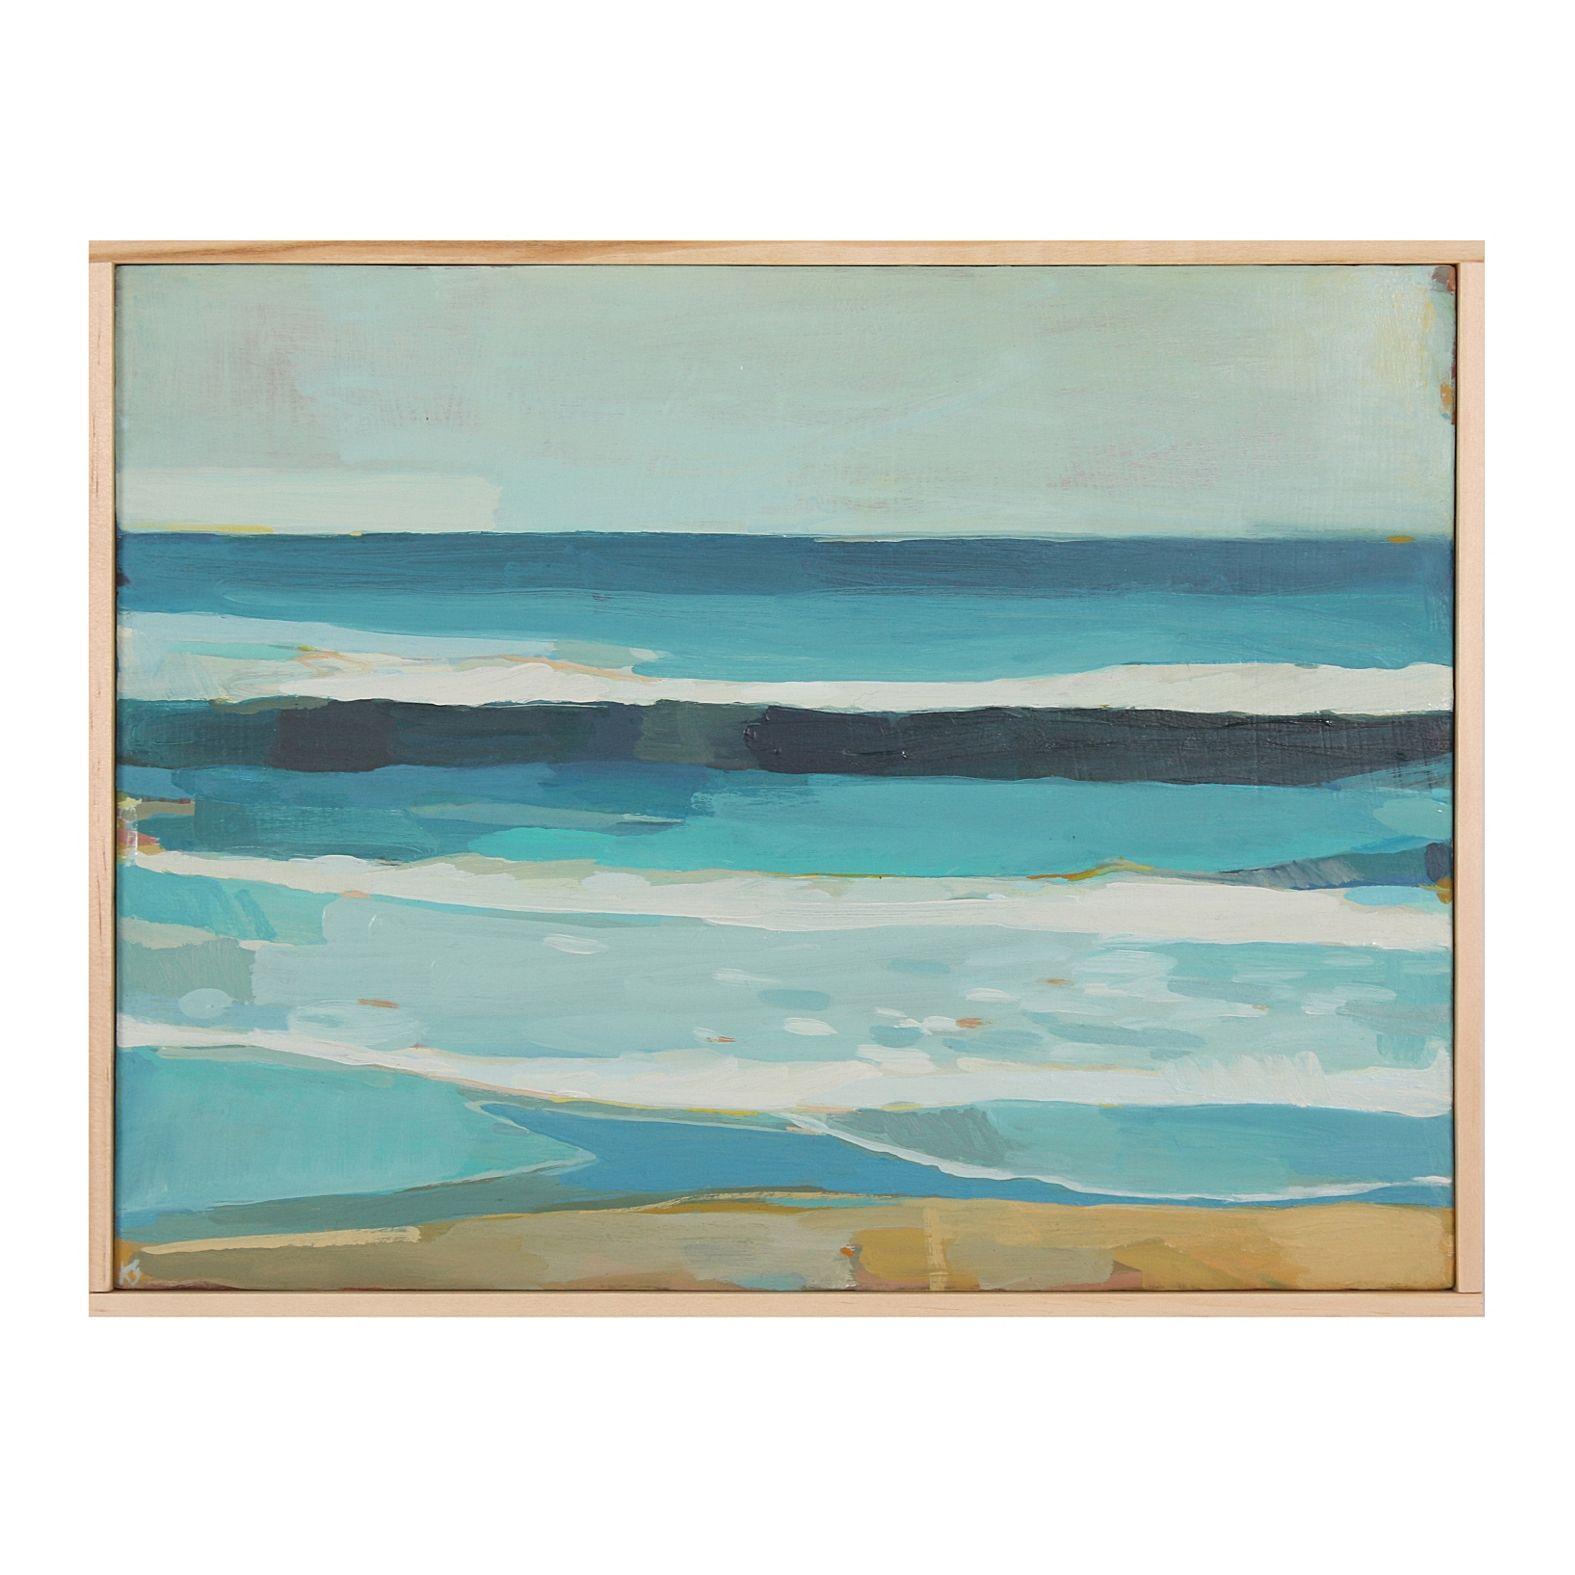 """""""Pt Reyes North Beach 4"""" by Karen Smidth"""